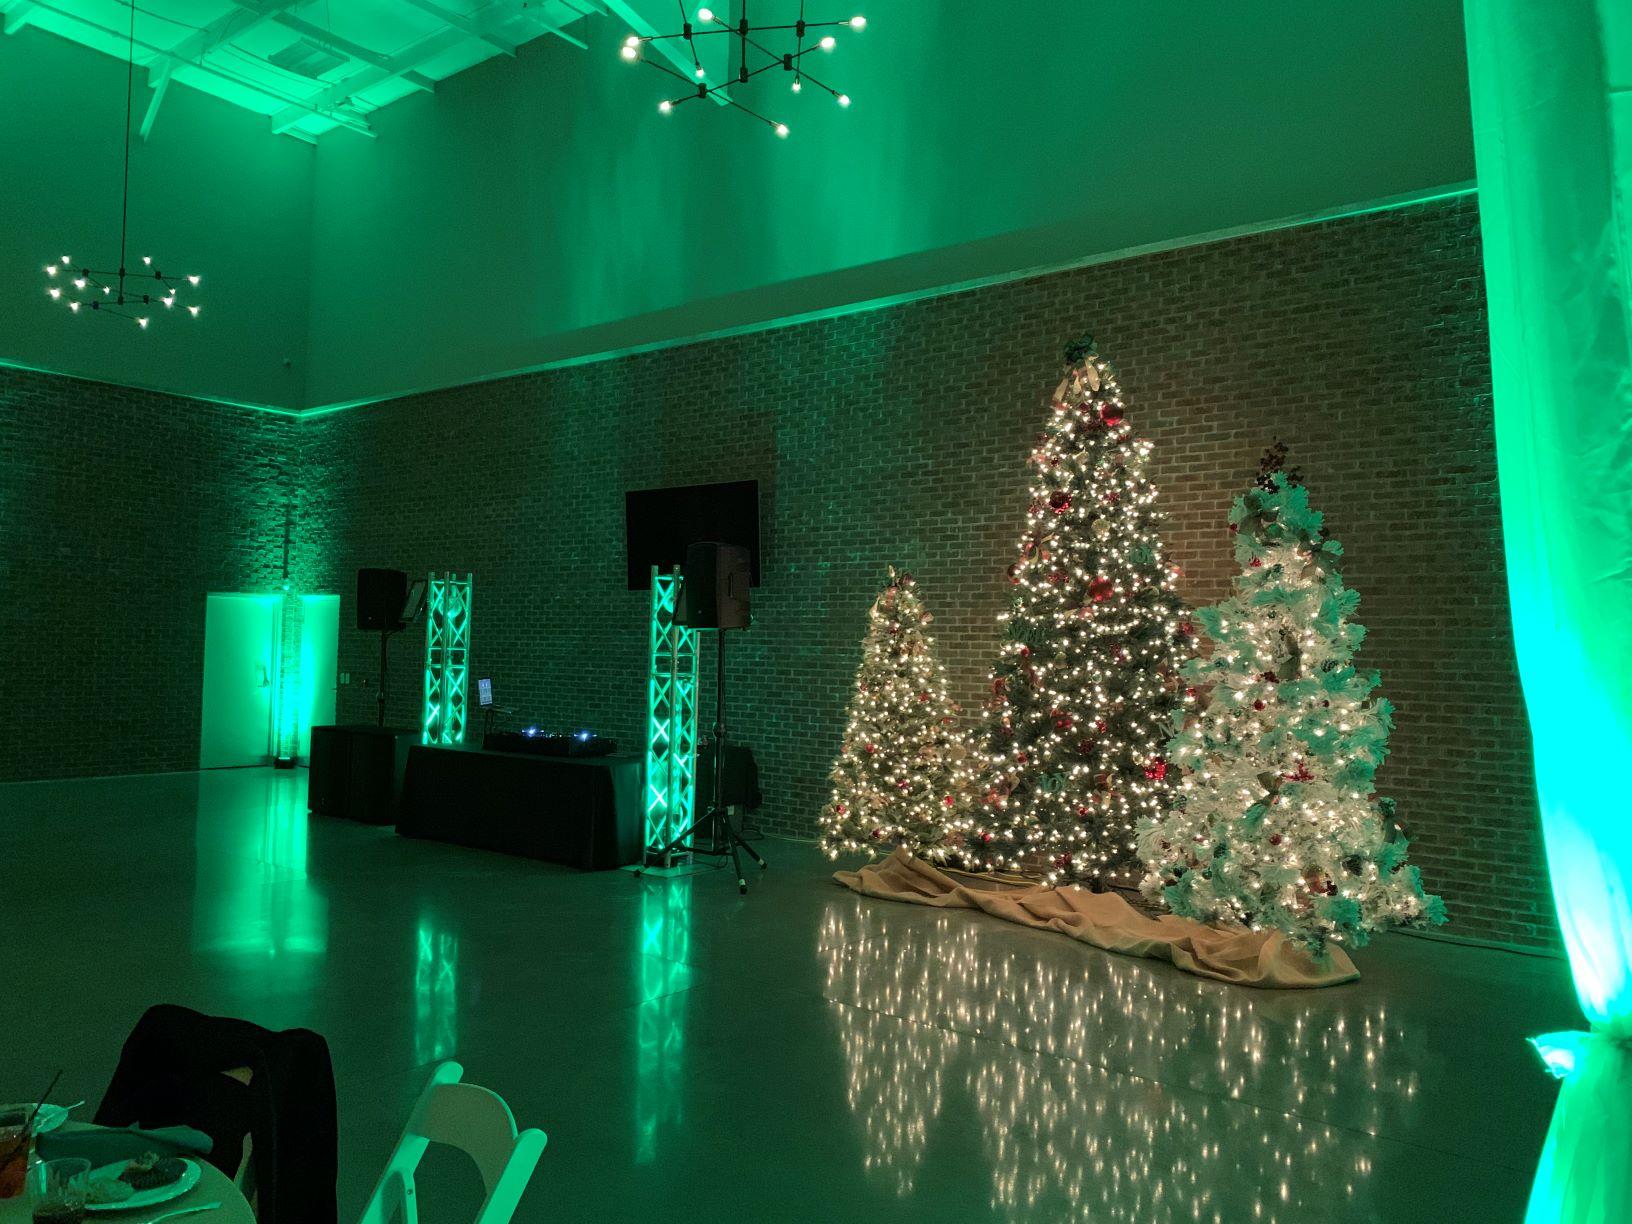 Elkhart Center 615 Green Uplighting